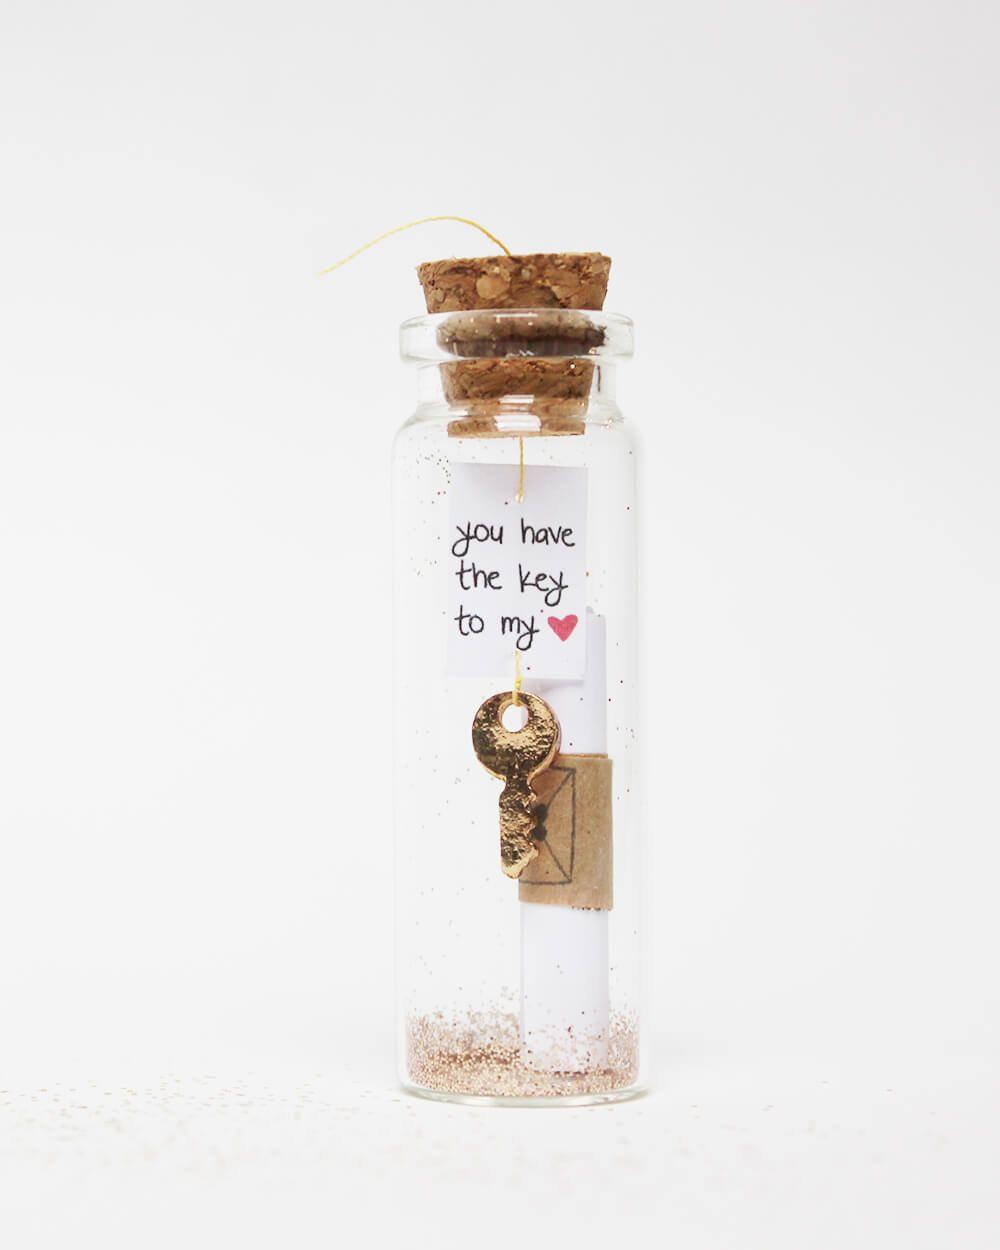 Geschenke Online Verschicken  Du hast den Schlüssel zu meinem ️In ser Flaschenpost